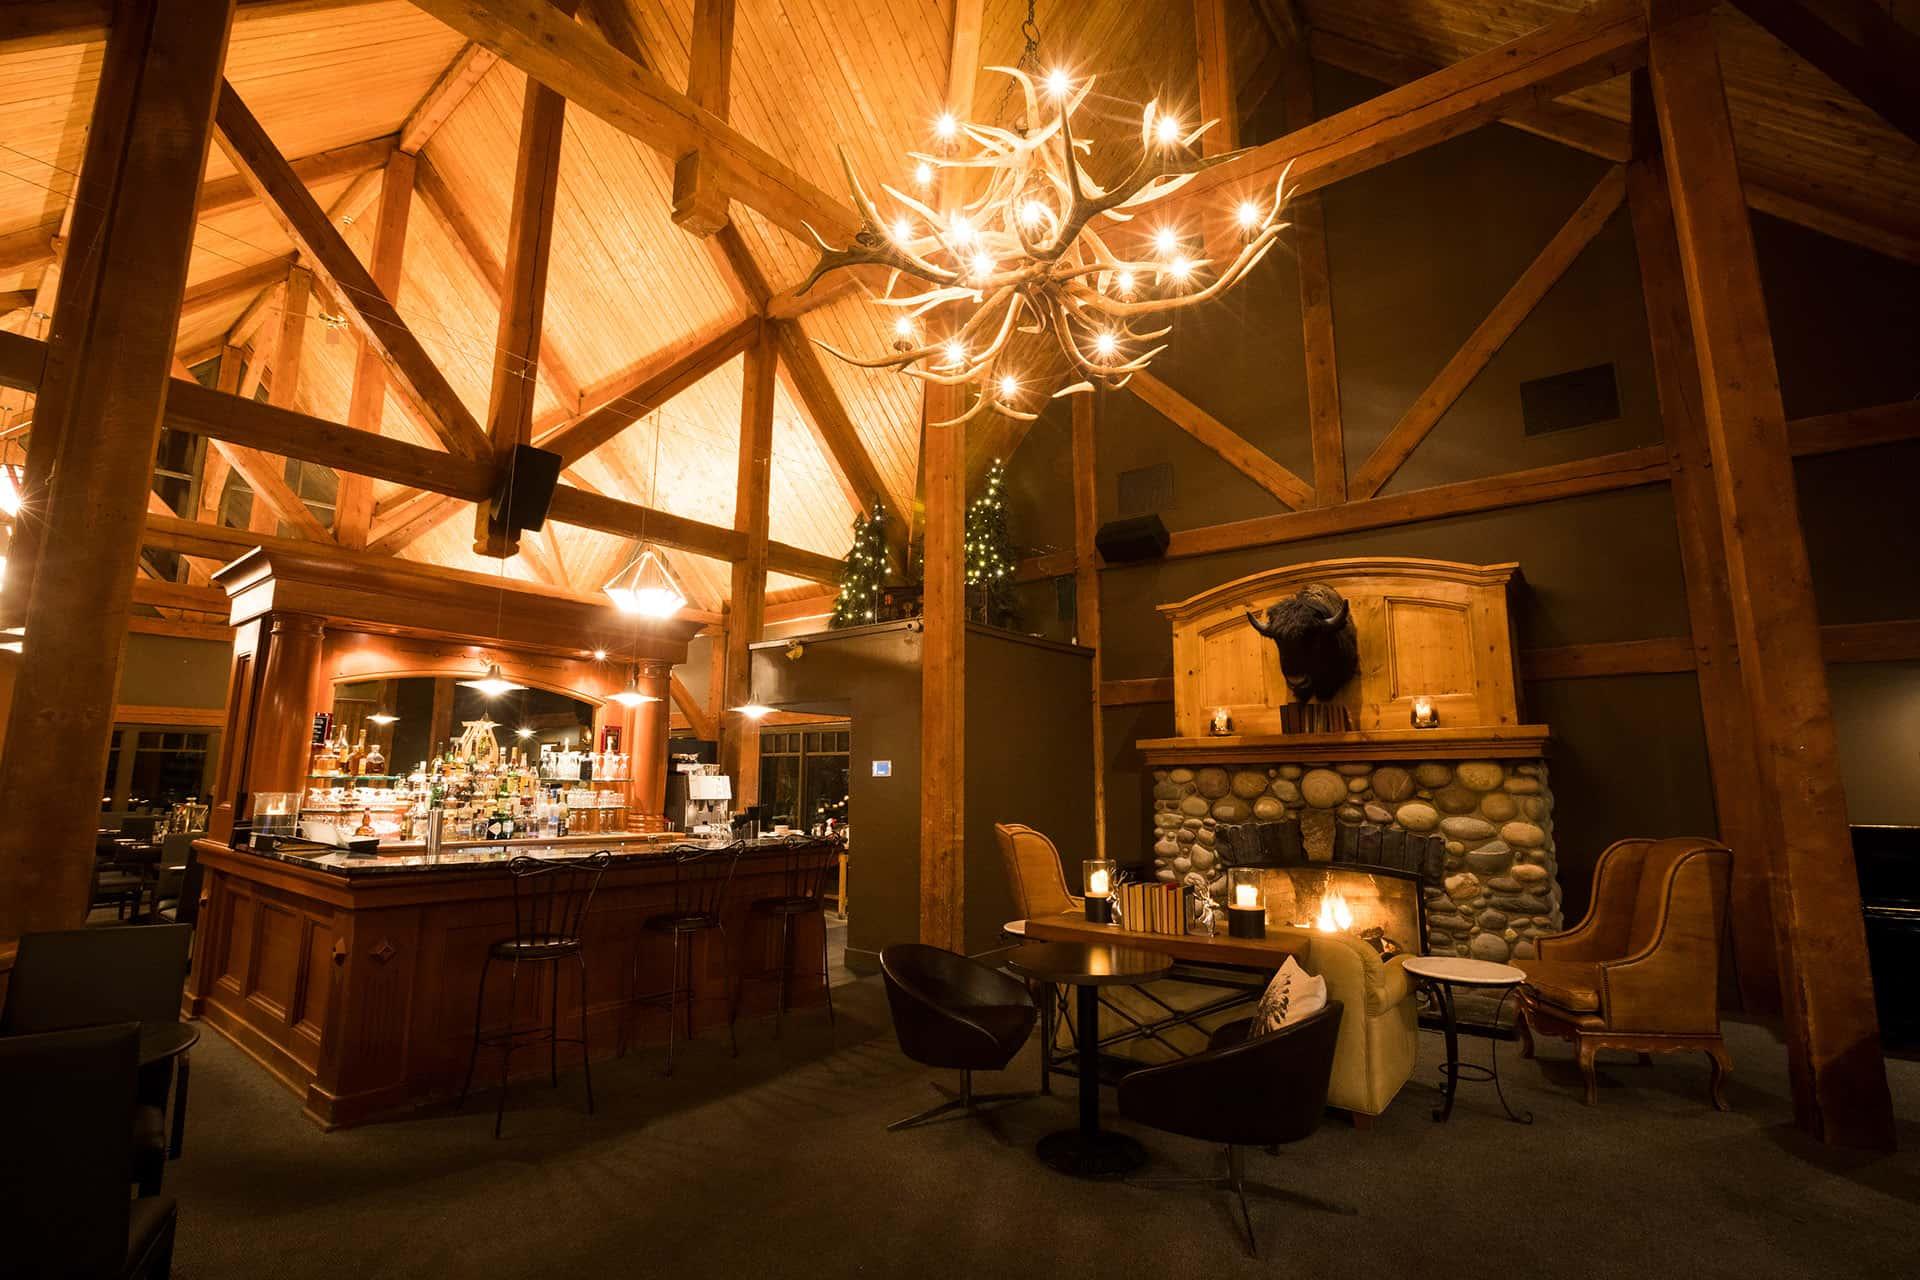 Sleeping Buffalo Lounge & Bar in Buffalo Mountain Lodge in Banff National Park